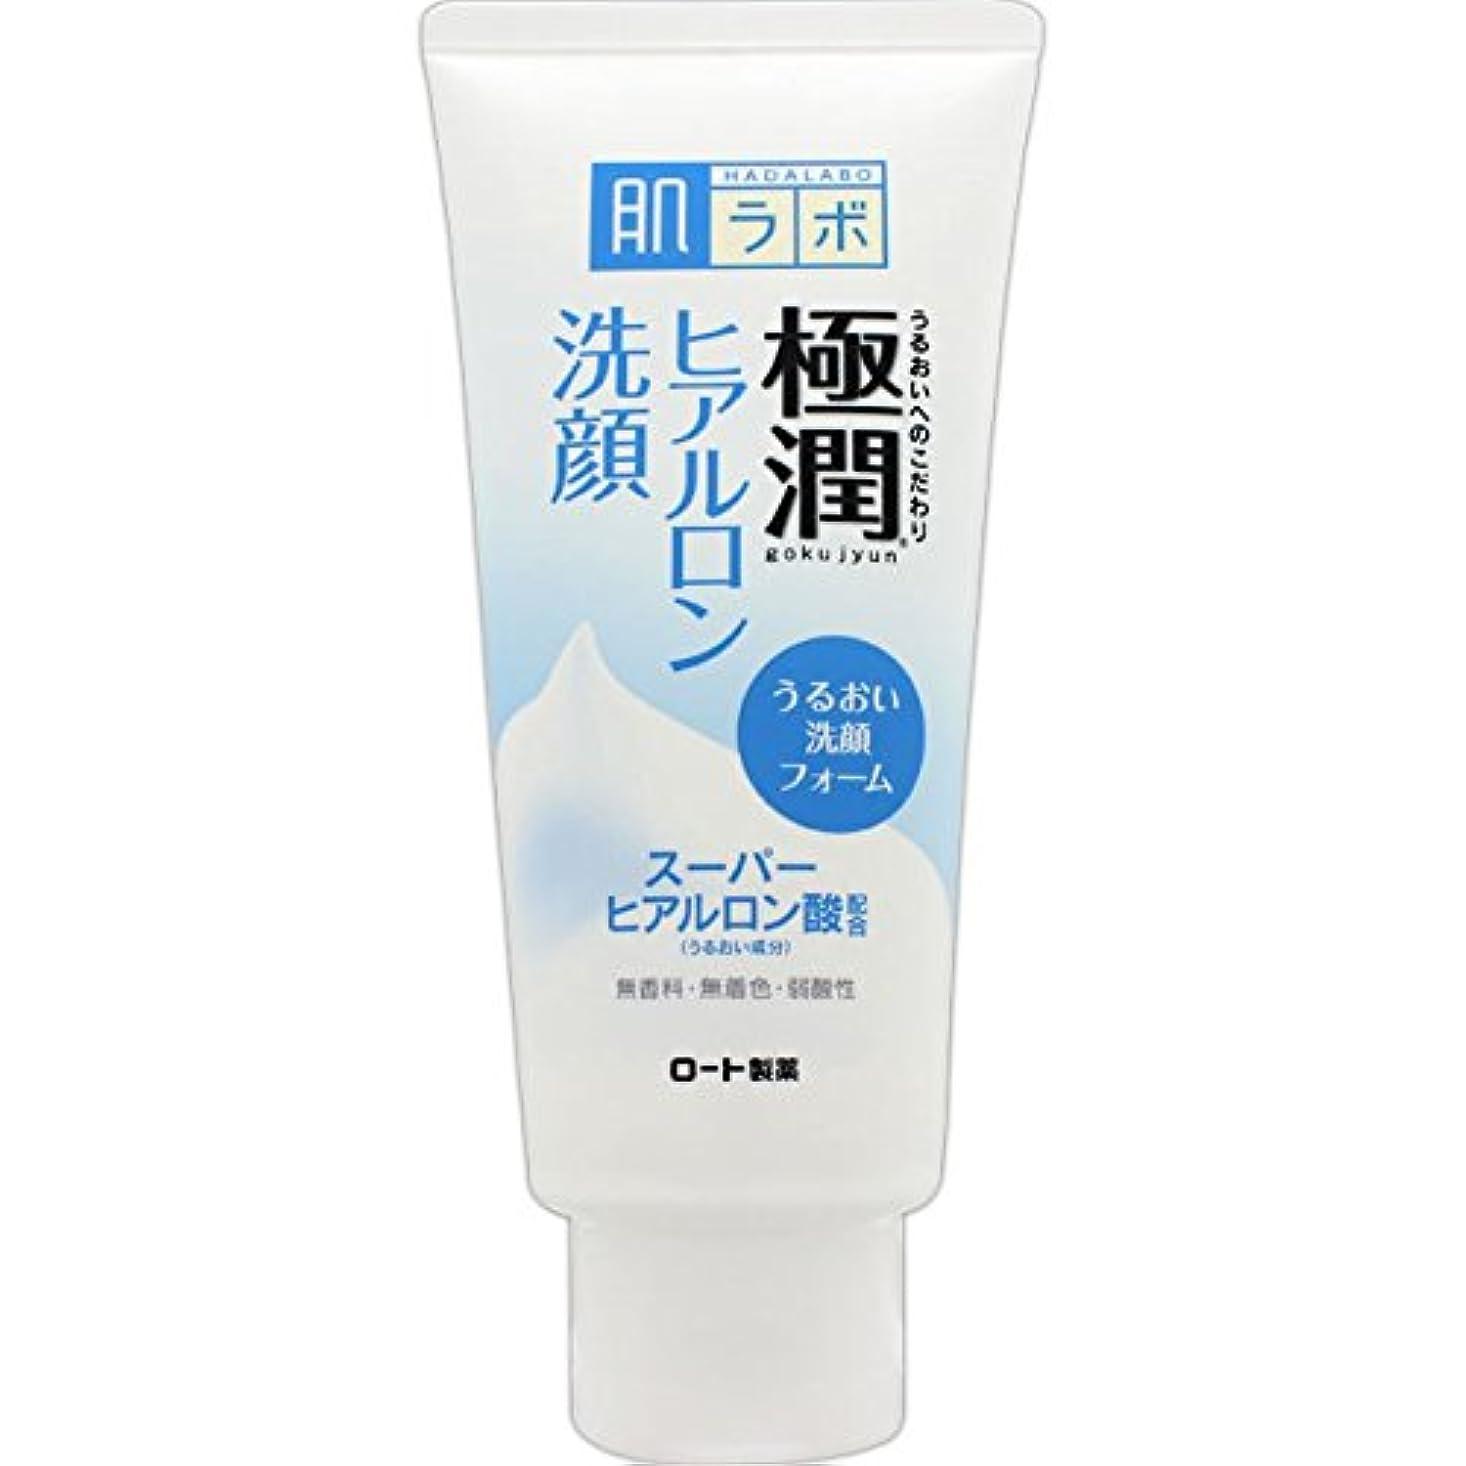 おもしろい普及凝縮する肌ラボ 極潤 ヒアルロン洗顔フォーム スーパーヒアルロン酸&吸着型ヒアルロン酸をW配合 100g